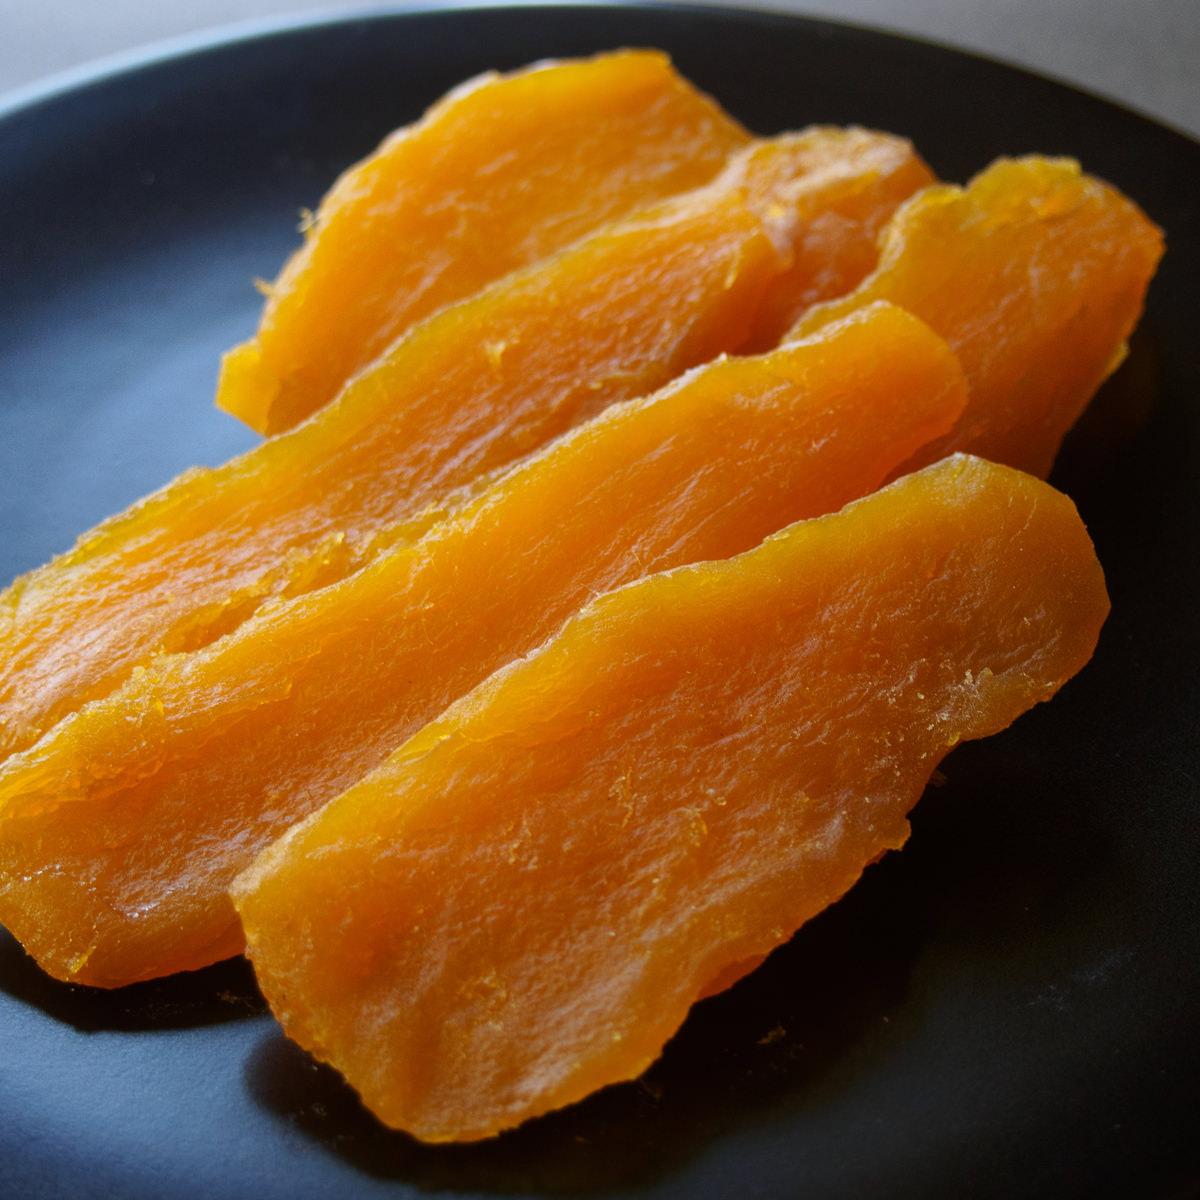 サラダファイブ 大容量 もっちり干し芋 平切り 紅はるか 茨城県ひたちなか産1.3kg〔130g×10〕